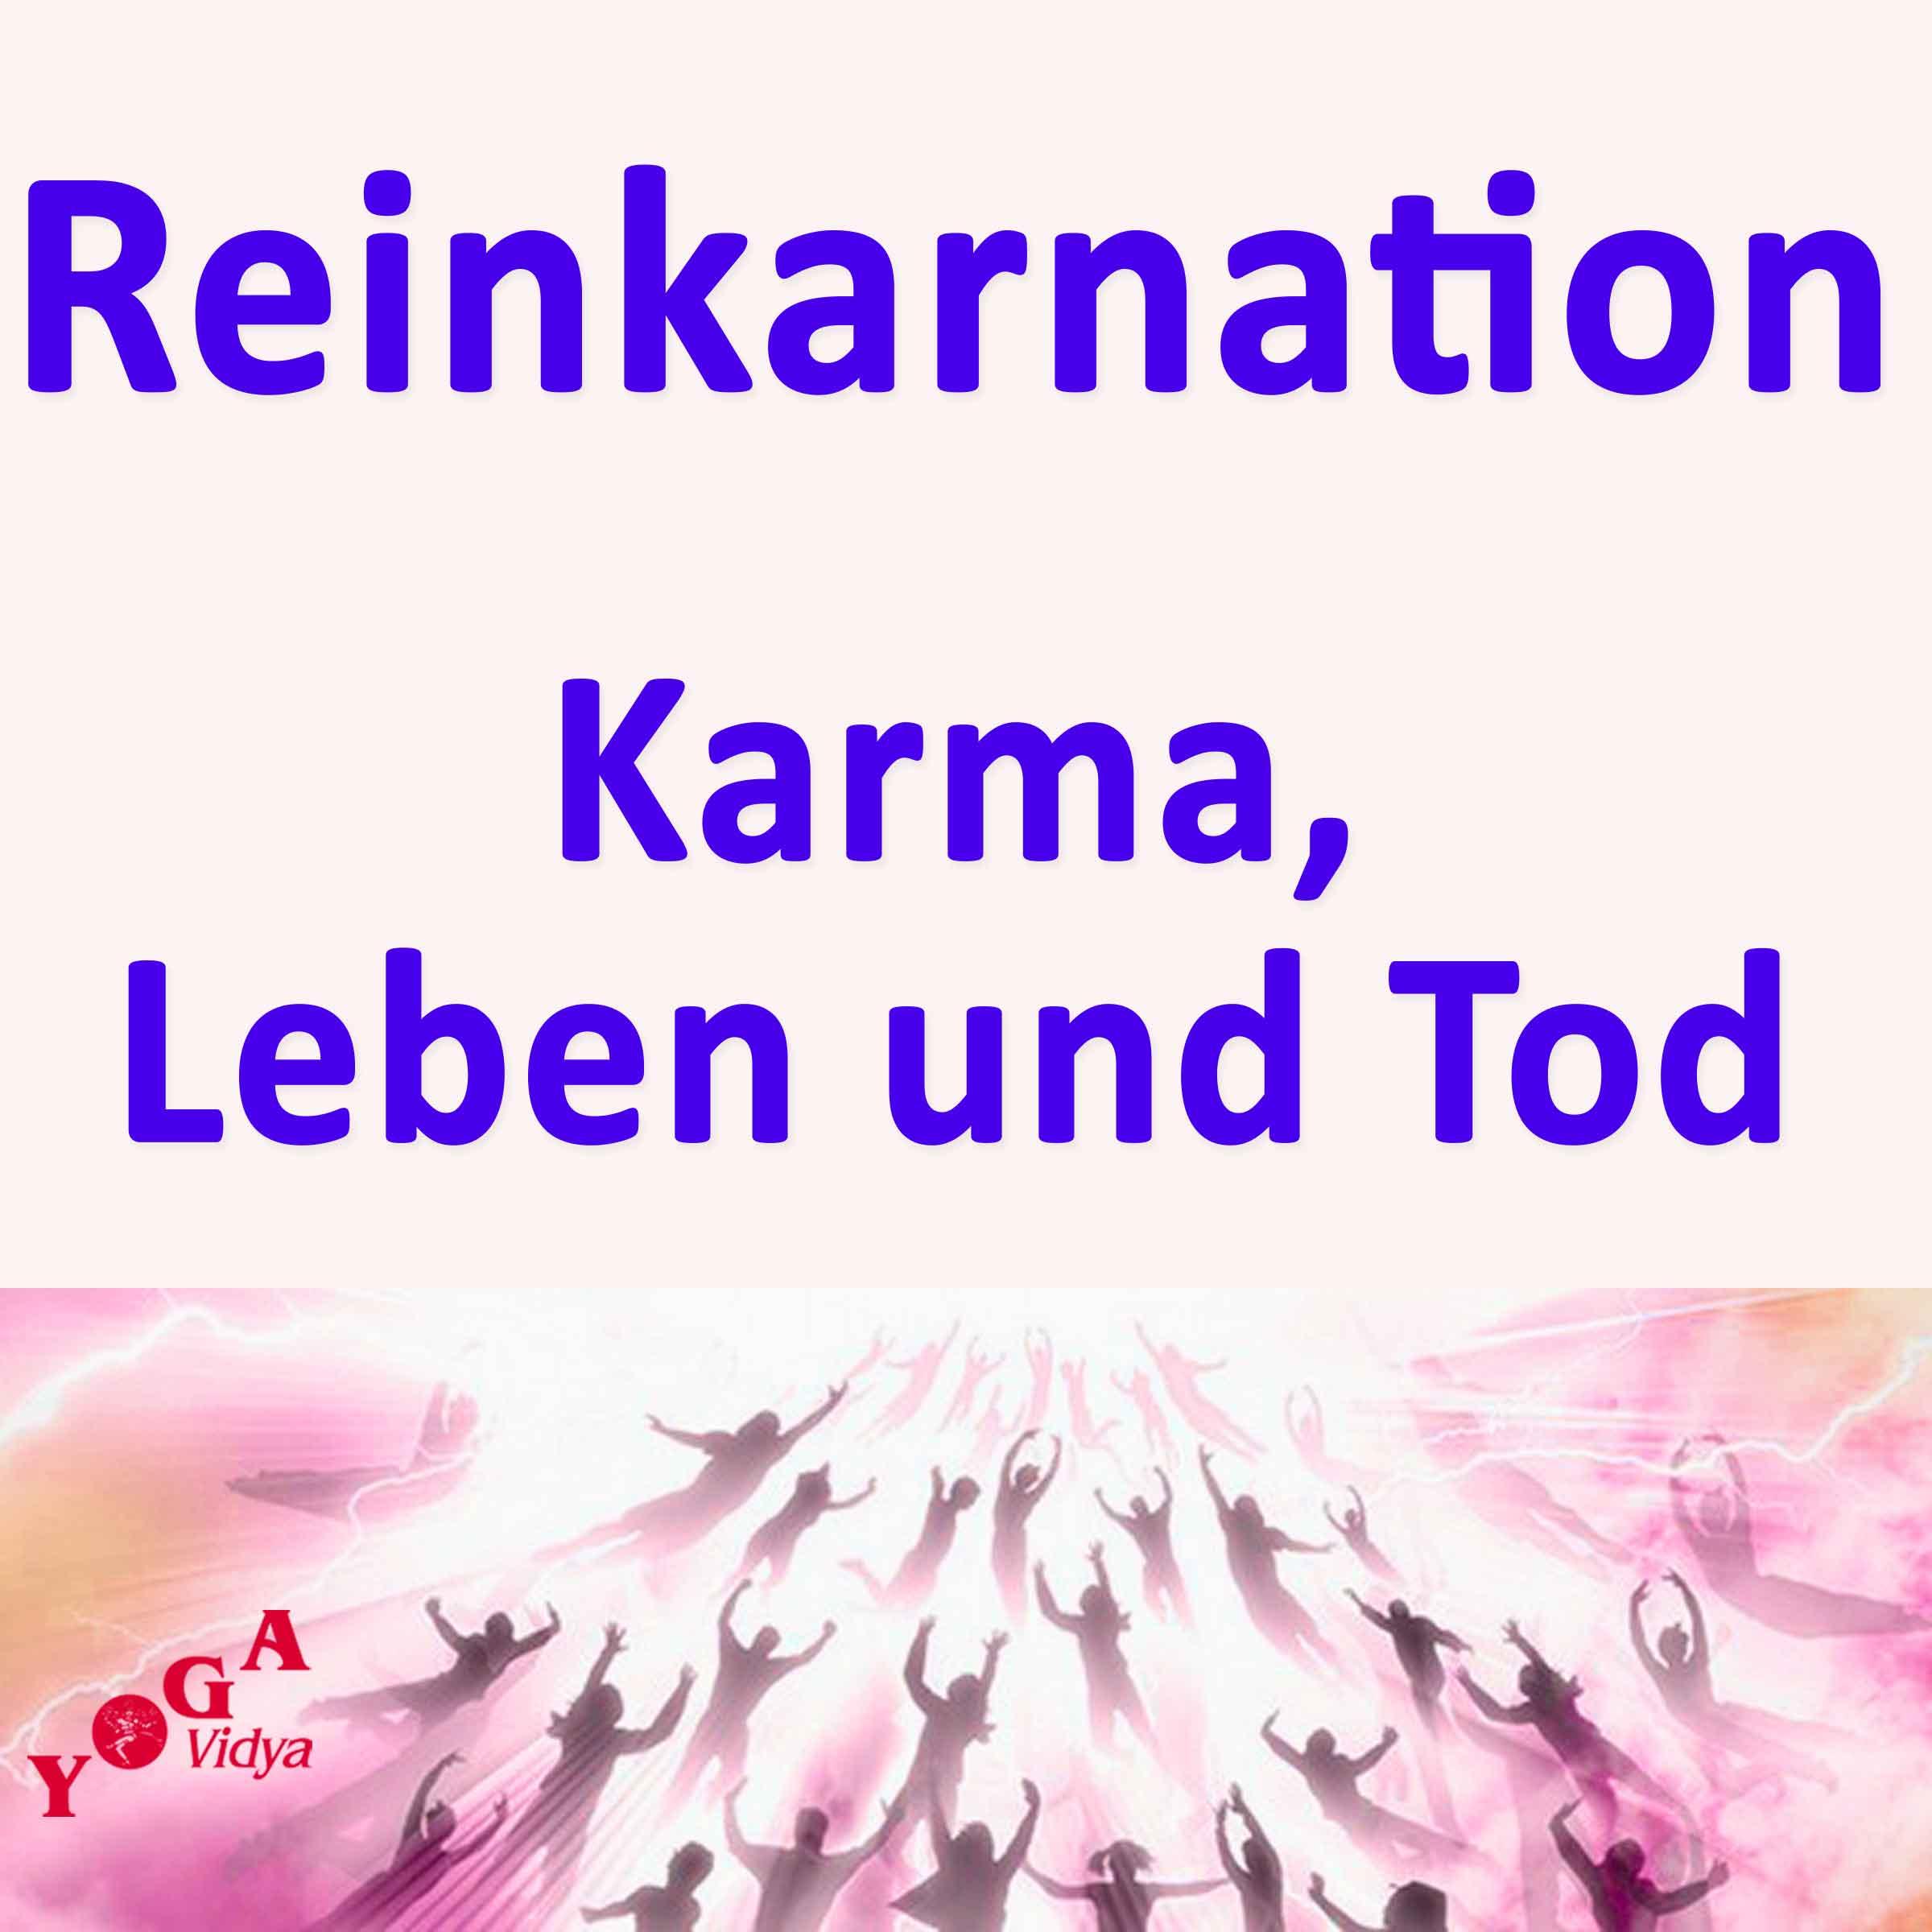 Reinkarnation, Karma, Leben und Tod